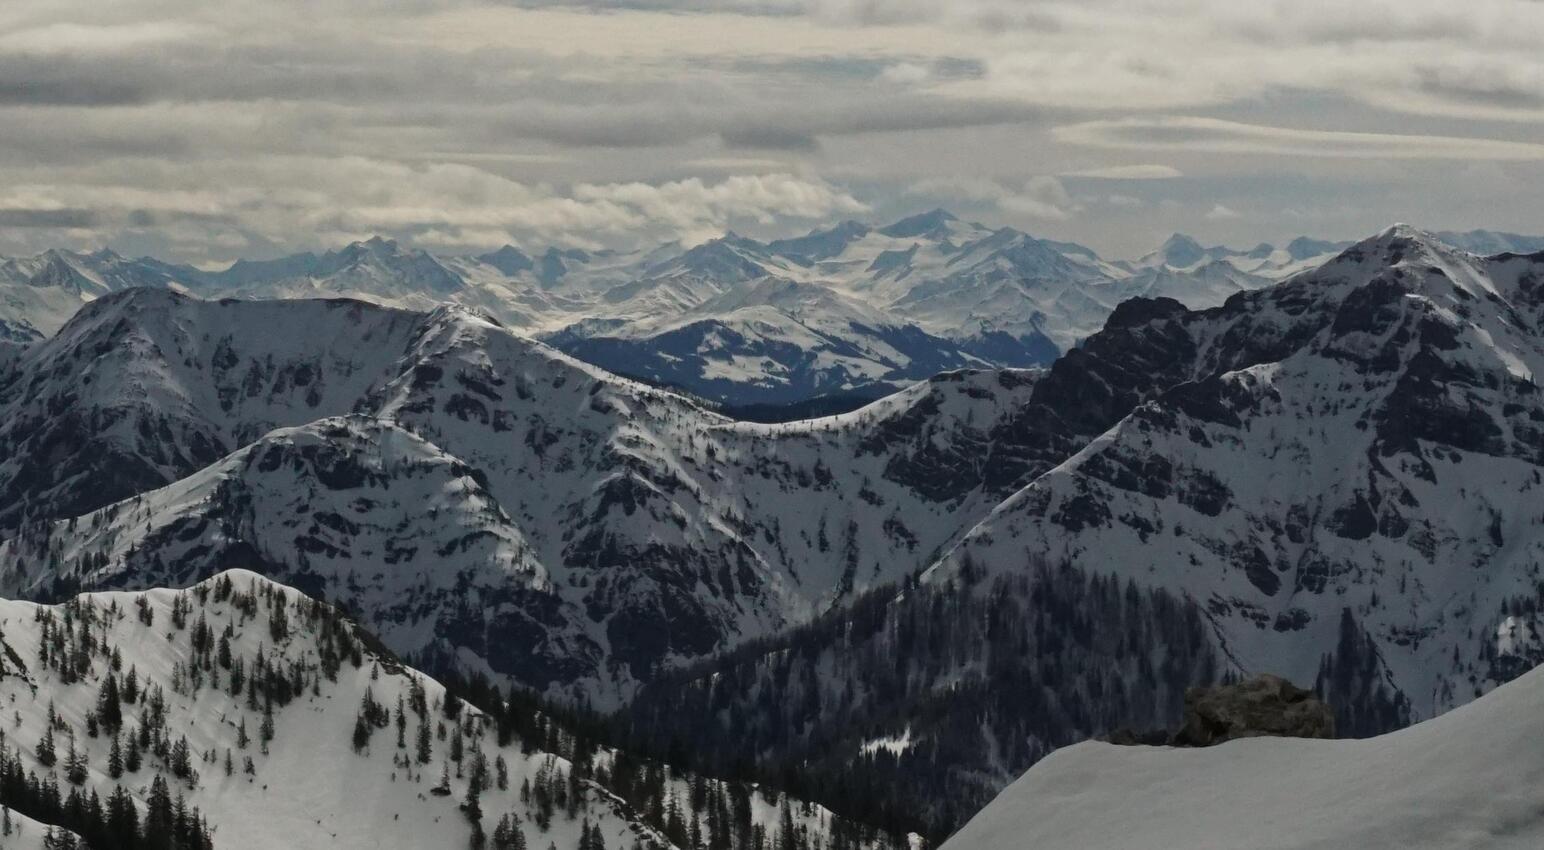 Winterwanderung über die Rotwand images/rotwand/05.jpg